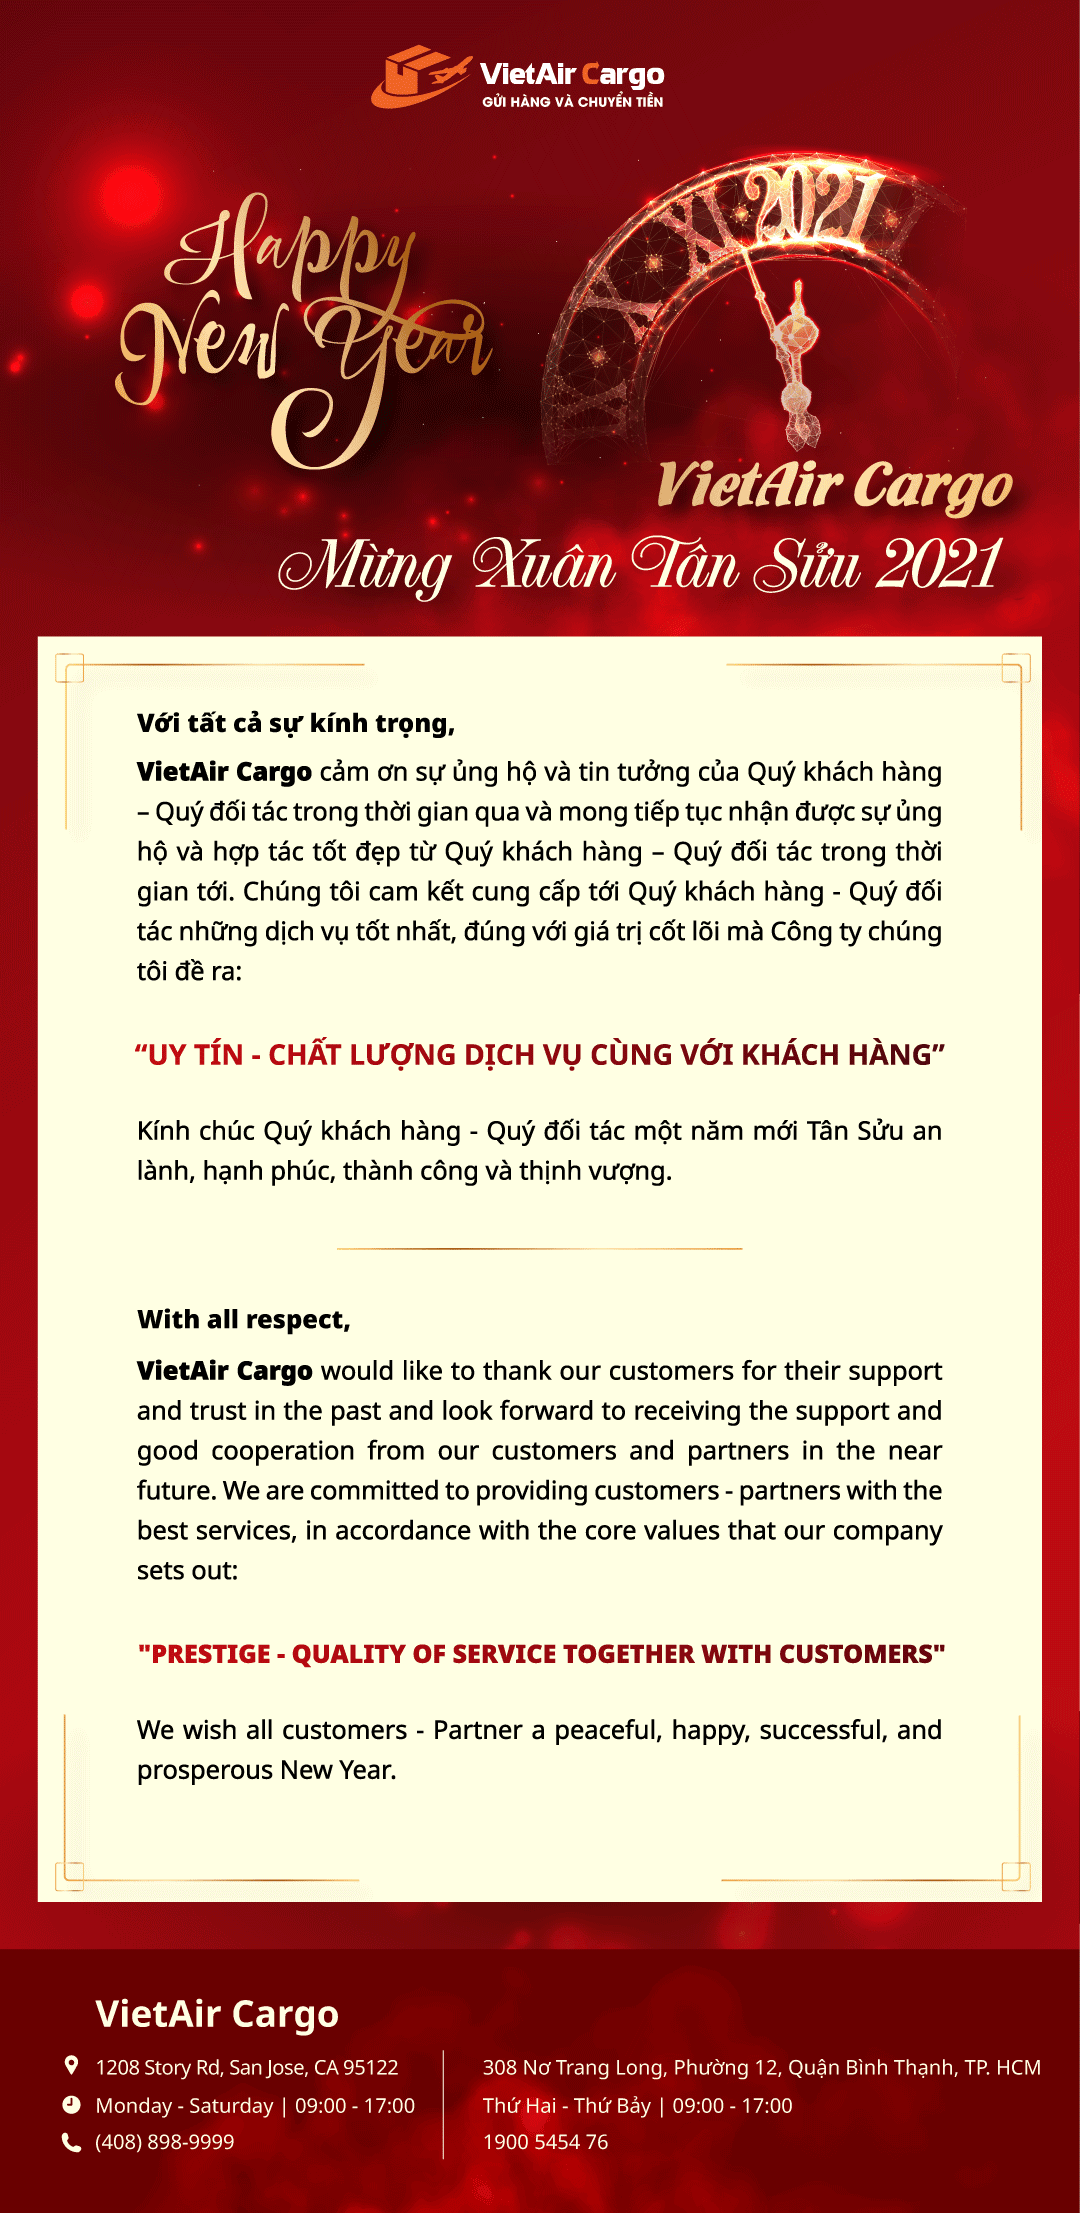 BANNER-VIETAIRCARGO-chuc-mung-nam-moi VietAir Cargo Mừng Xuân Tân Sửu 2021